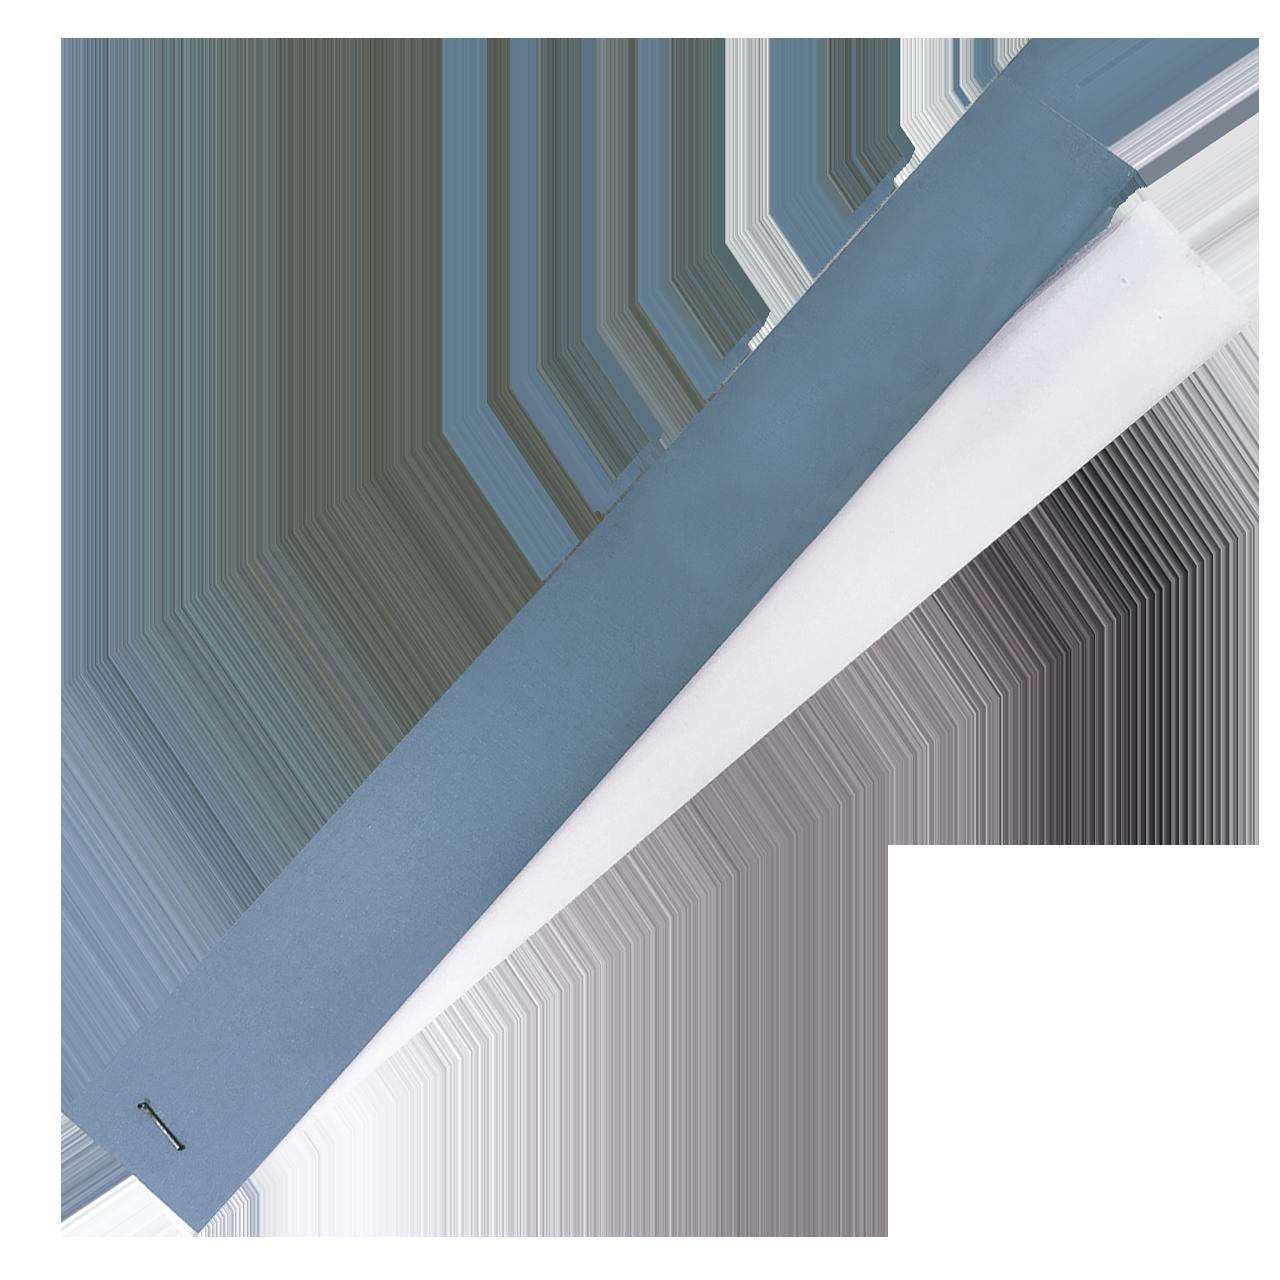 Wachspapierstreifen Hang für Papierbohrmaschinen